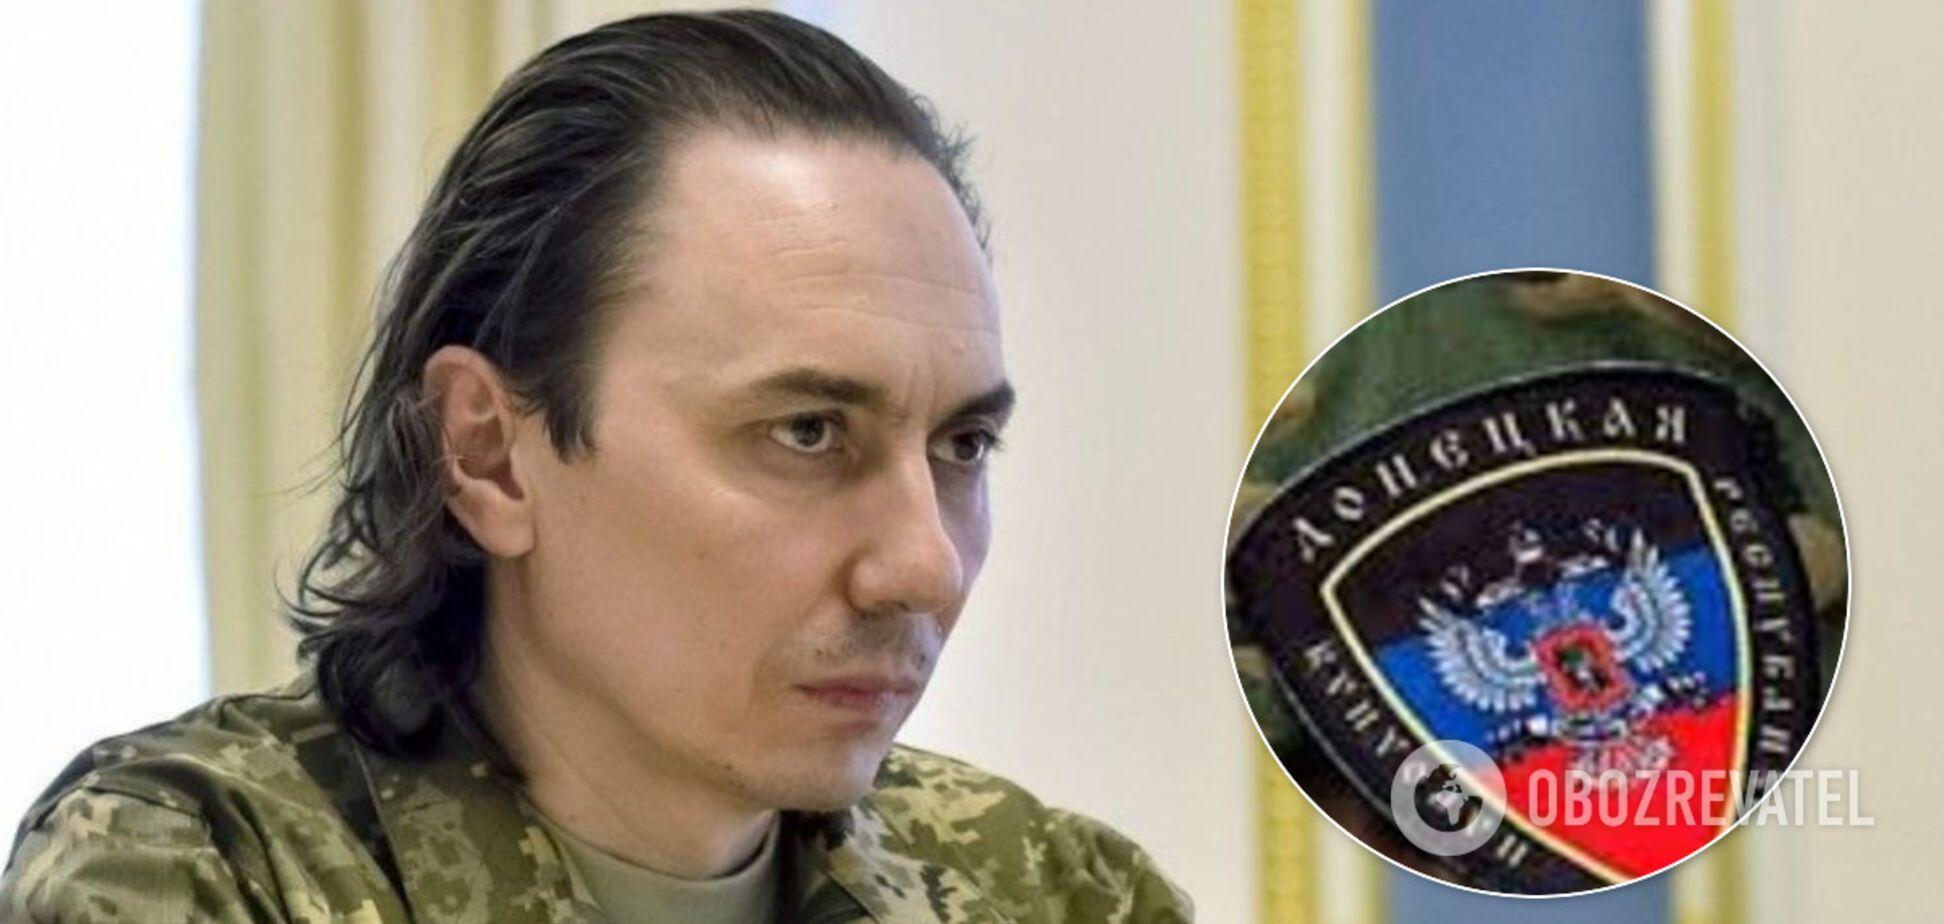 Полковника ЗСУ засудили на 13 років в'язниці за держзраду